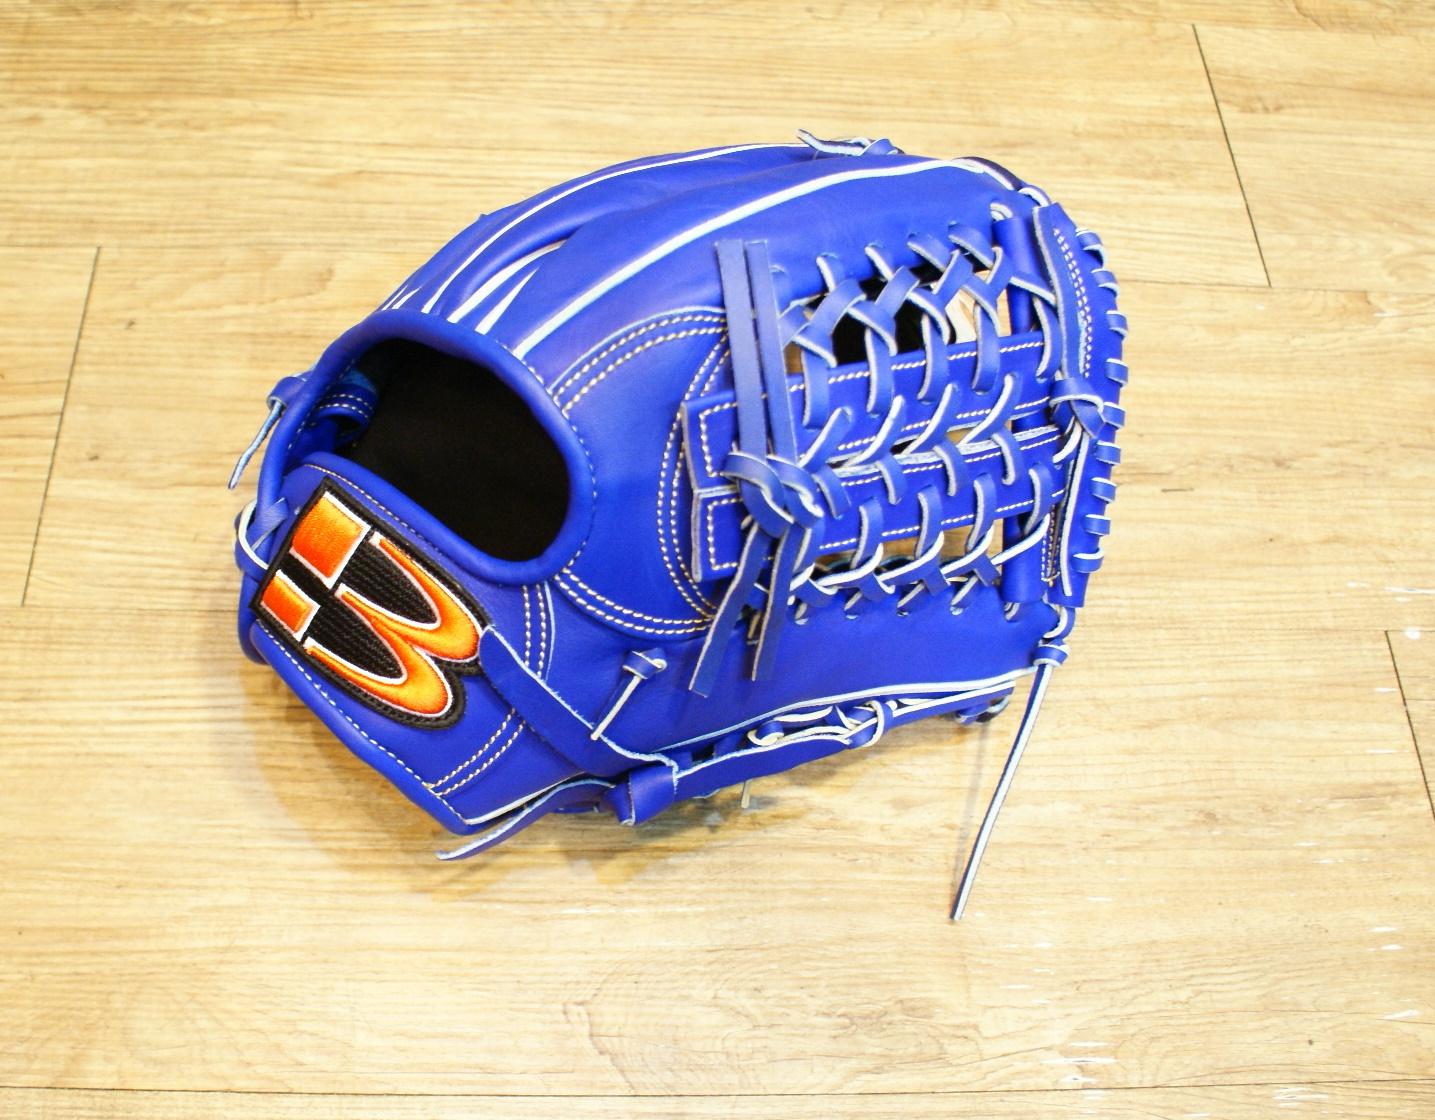 棒球世界 全新技魂系列美國小牛革職業用棒球手套內野網球檔 藍色